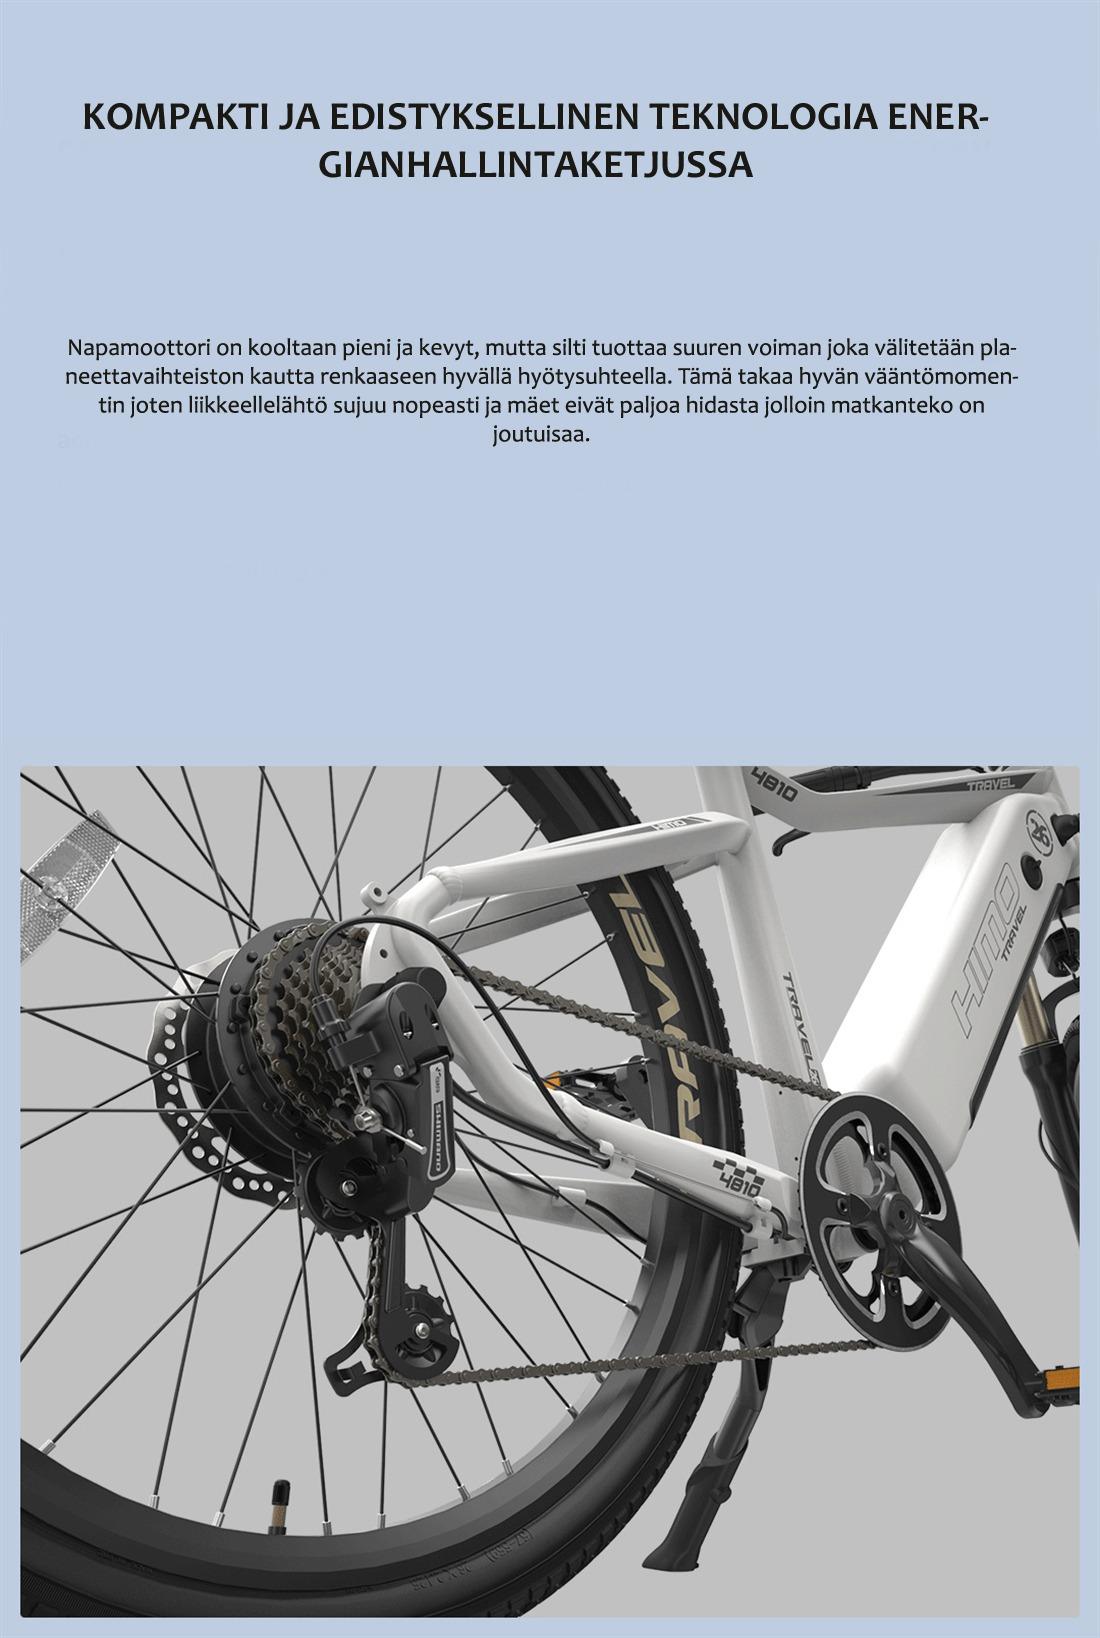 Himo-sähköpyörän-vaihteet